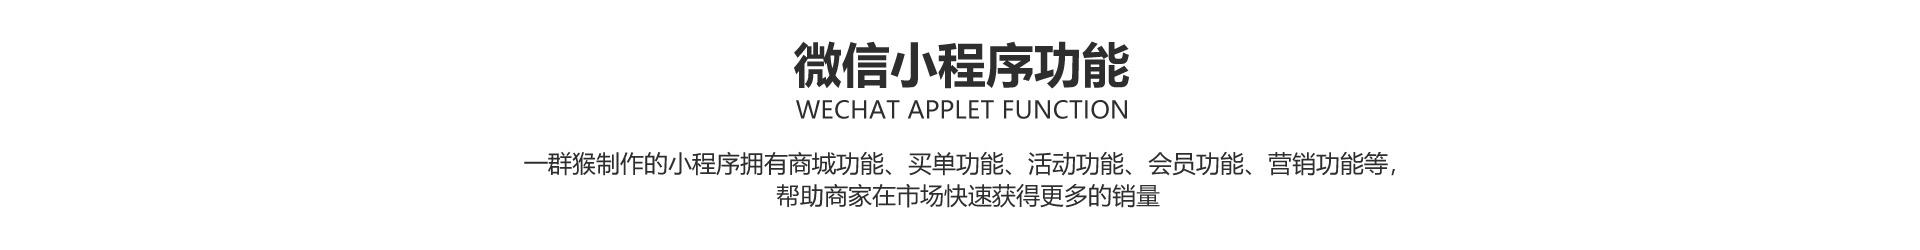 淄博龙8国际pt娱乐小程序有什么功能